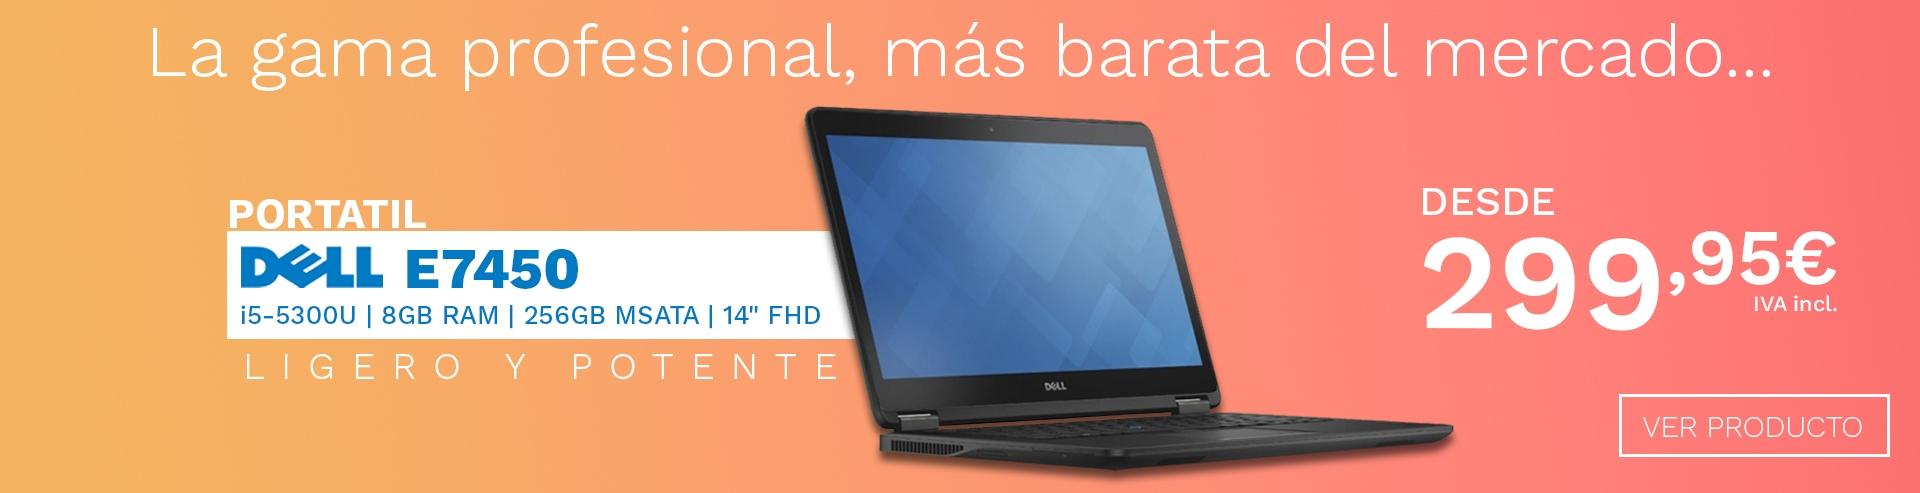 Dell E7450: Ligero y Potente